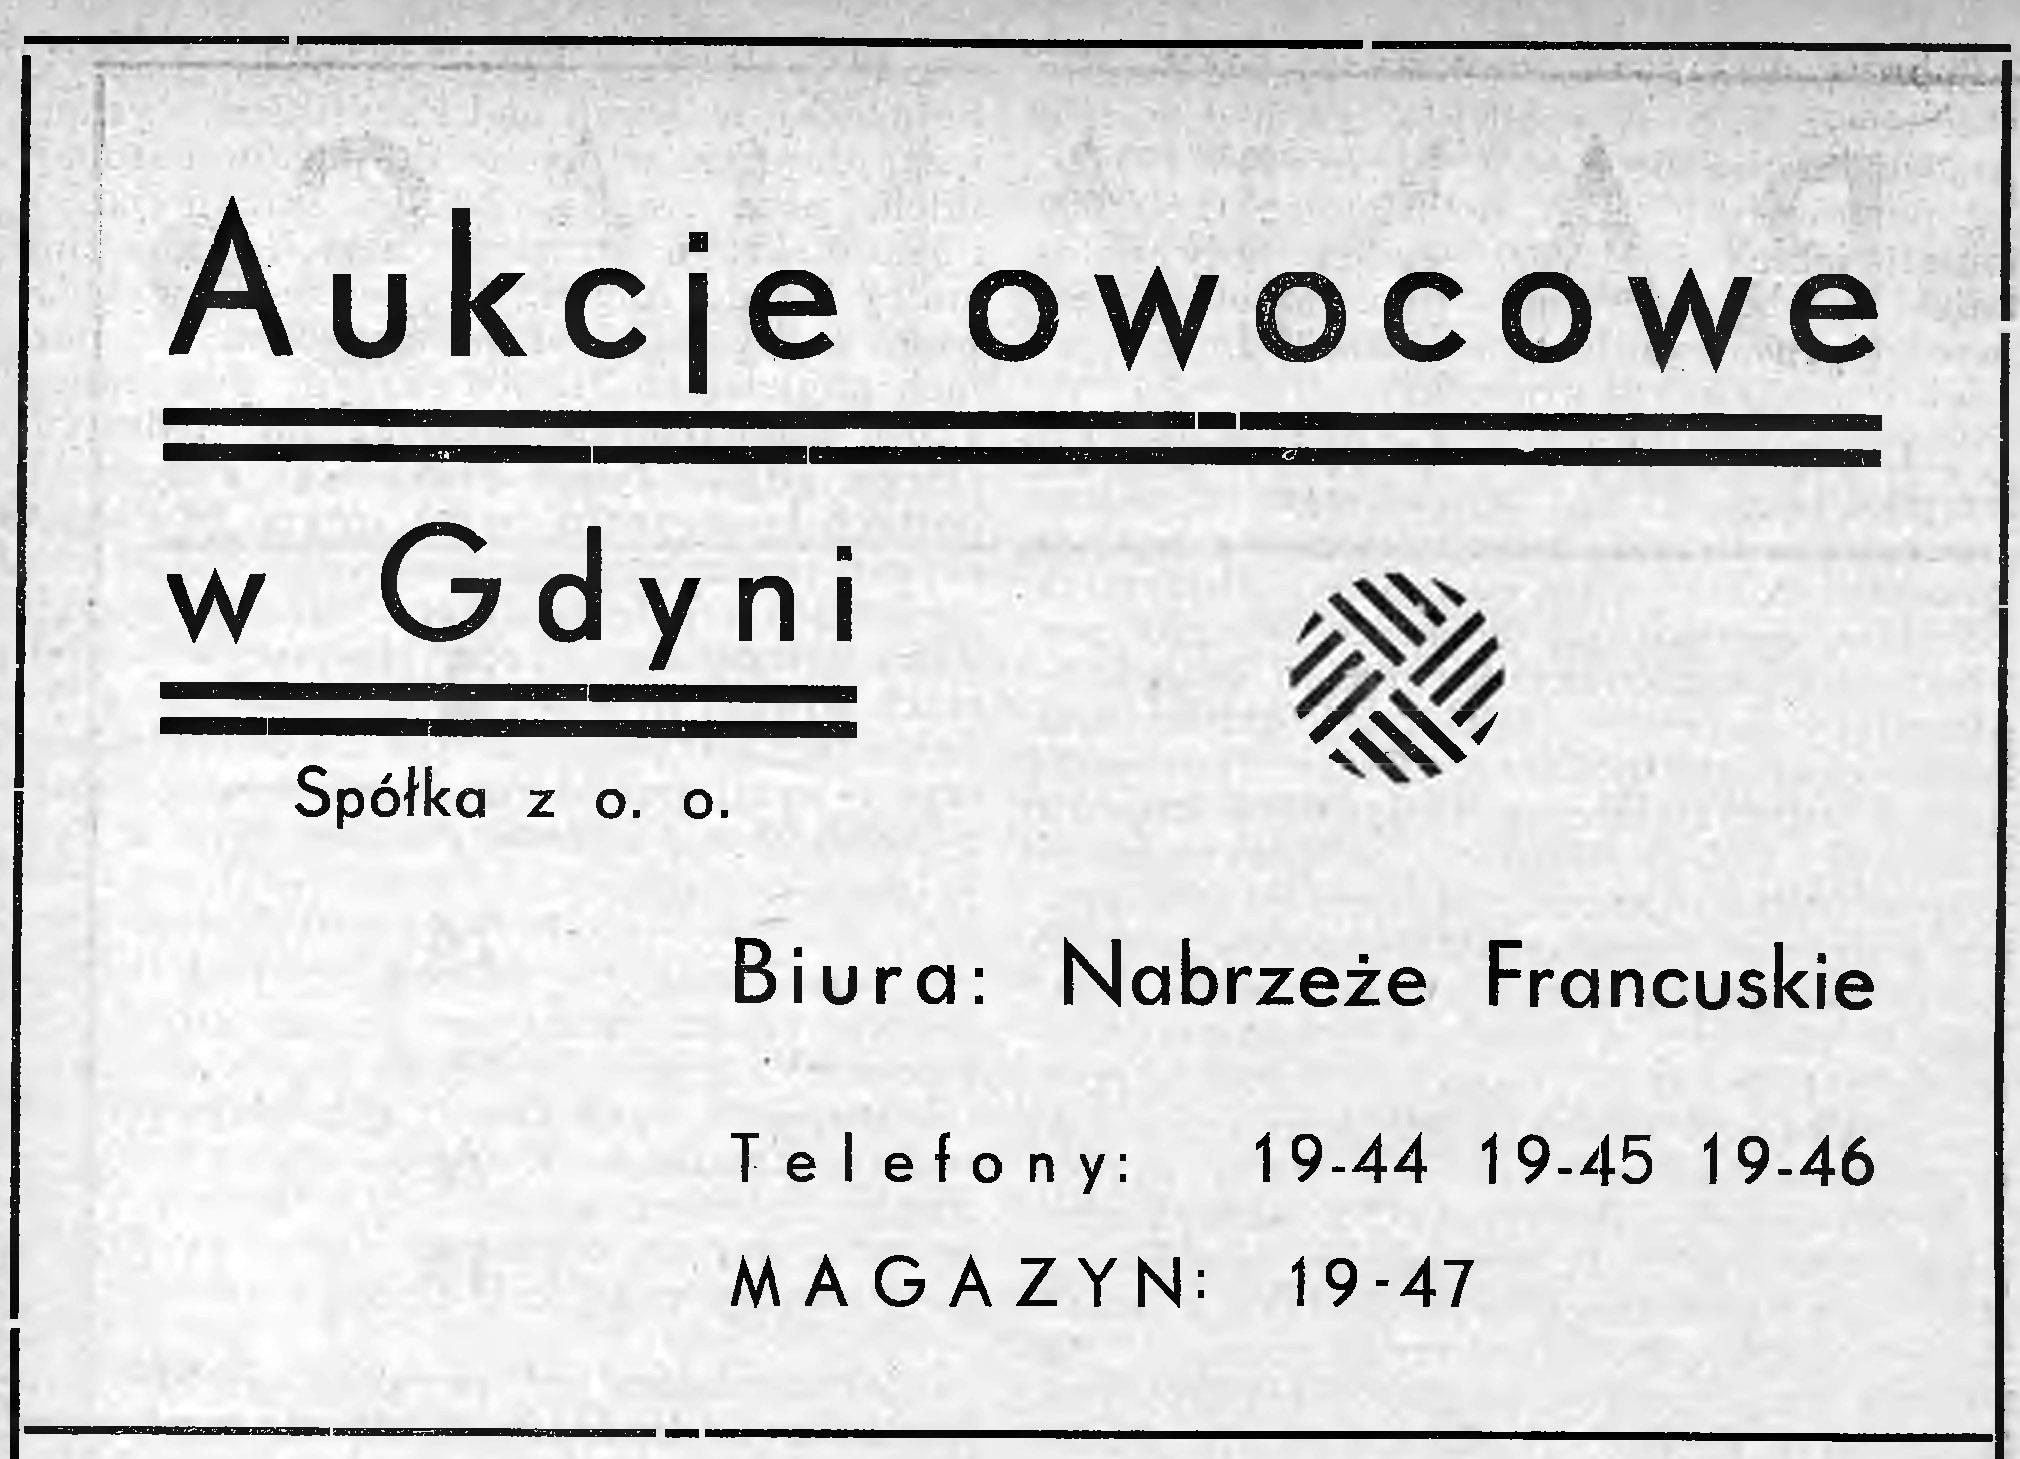 Aukcje owocowe w Gdyni Spółka z o. o.